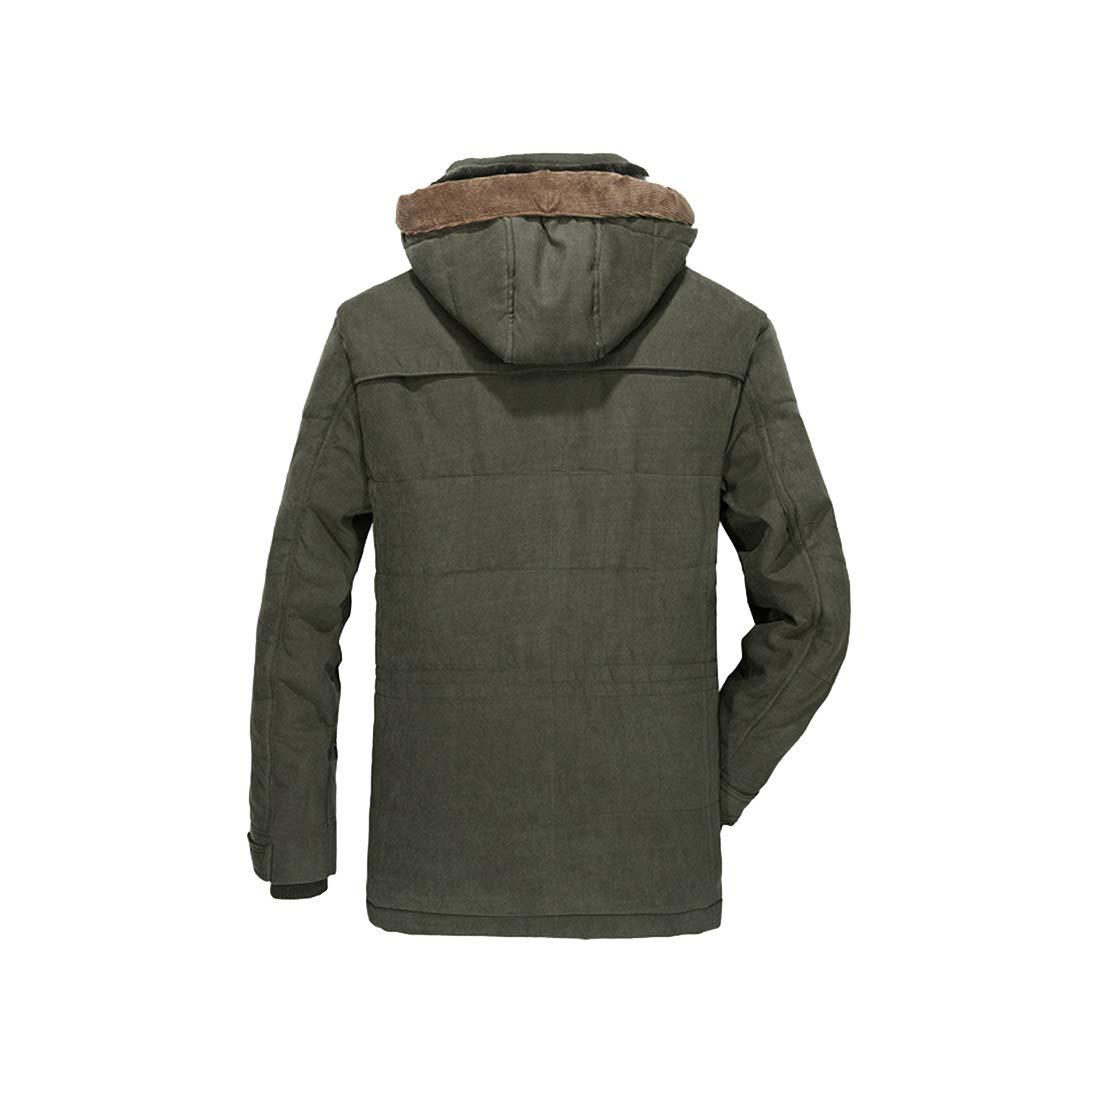 DAIYO Manteau Chaud D'épaisseur Chaude en Coton Parka pour Hommes avec Capuchon Amovible Vert